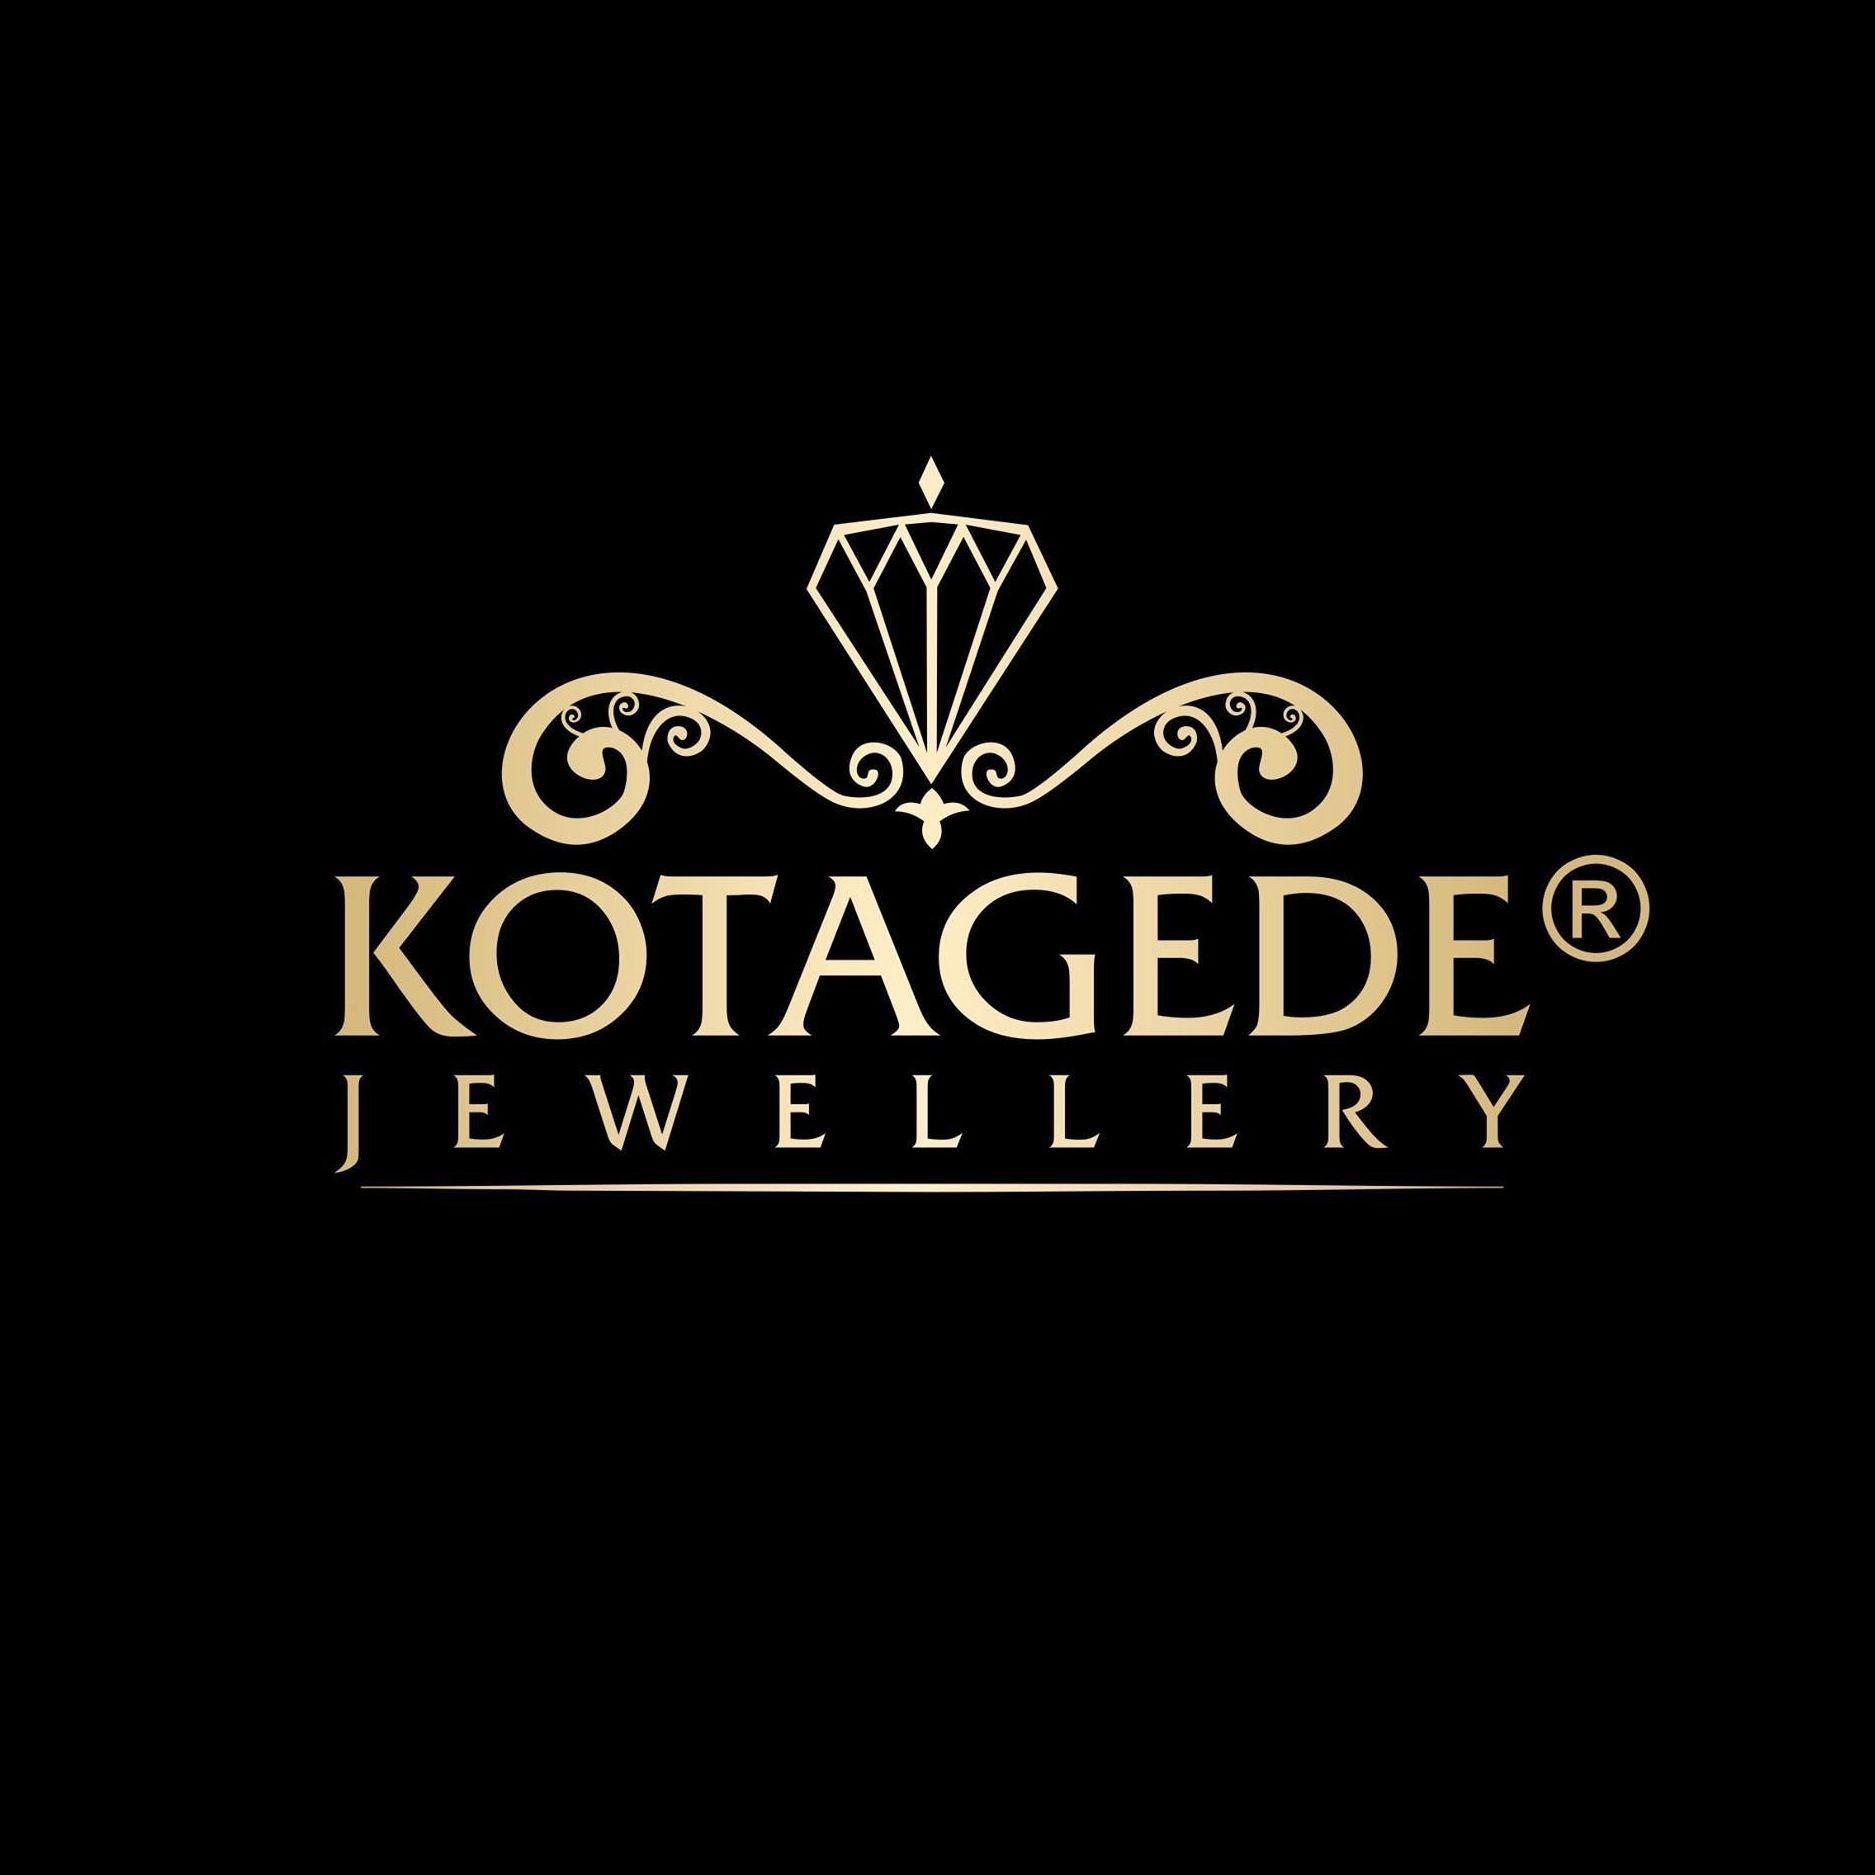 Kotagede Jewellery